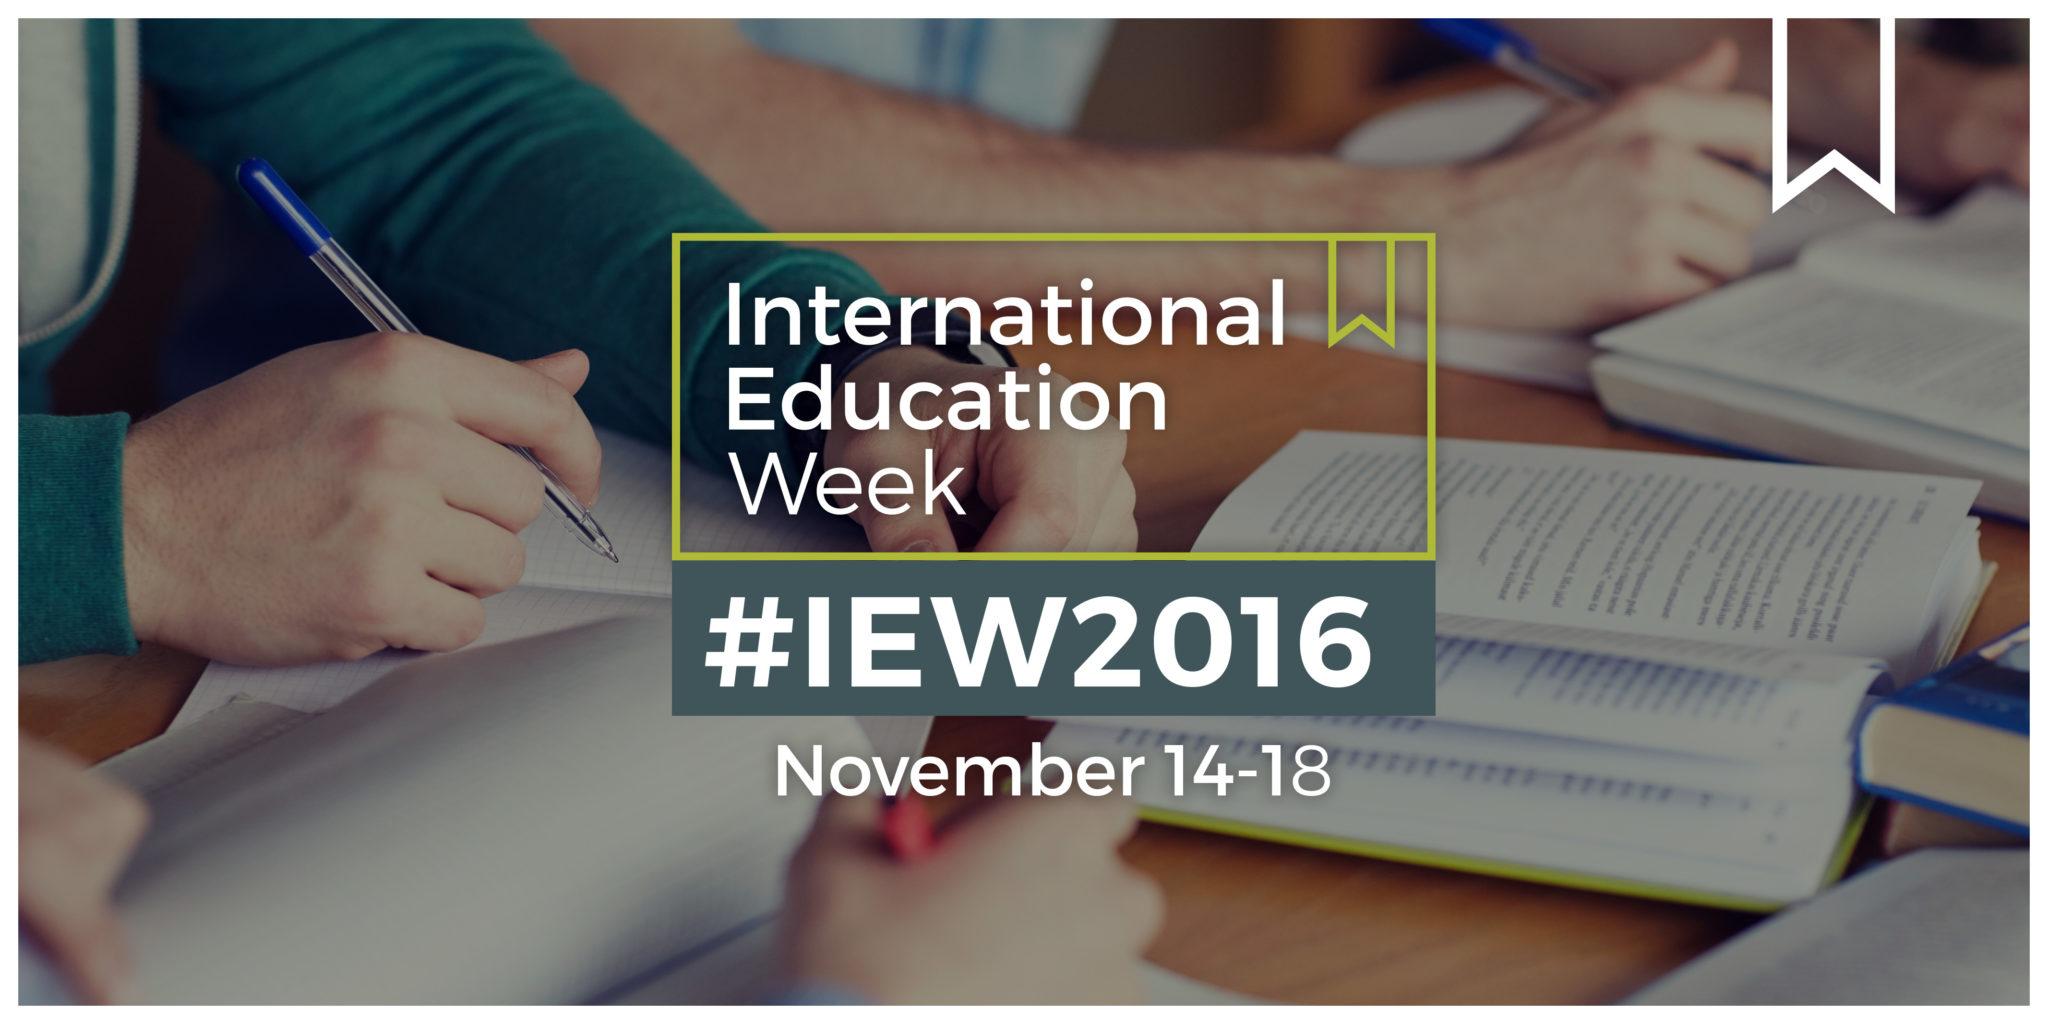 International Education Week,  November 14-18, 2016